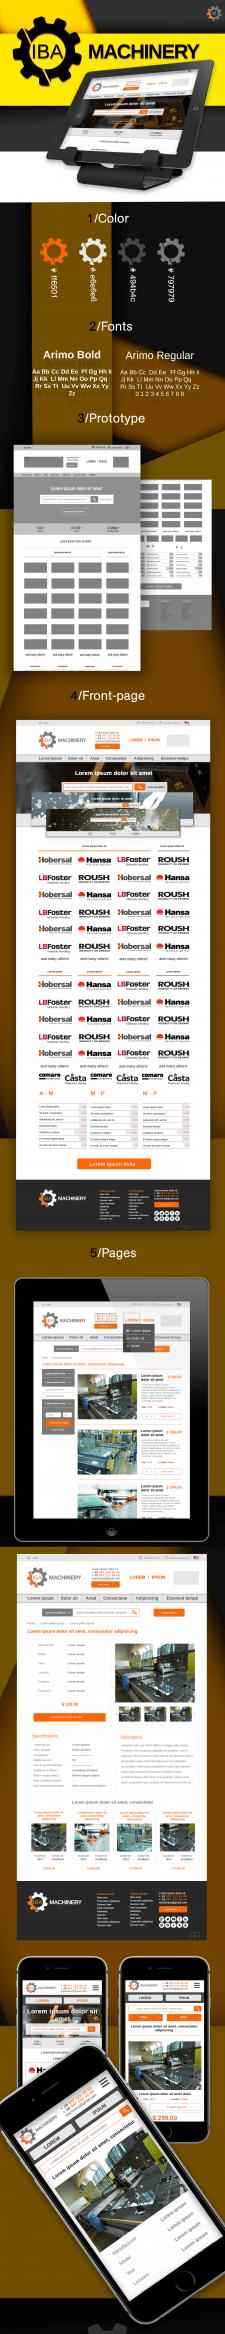 Machine tools - UX/UI website redesign concept